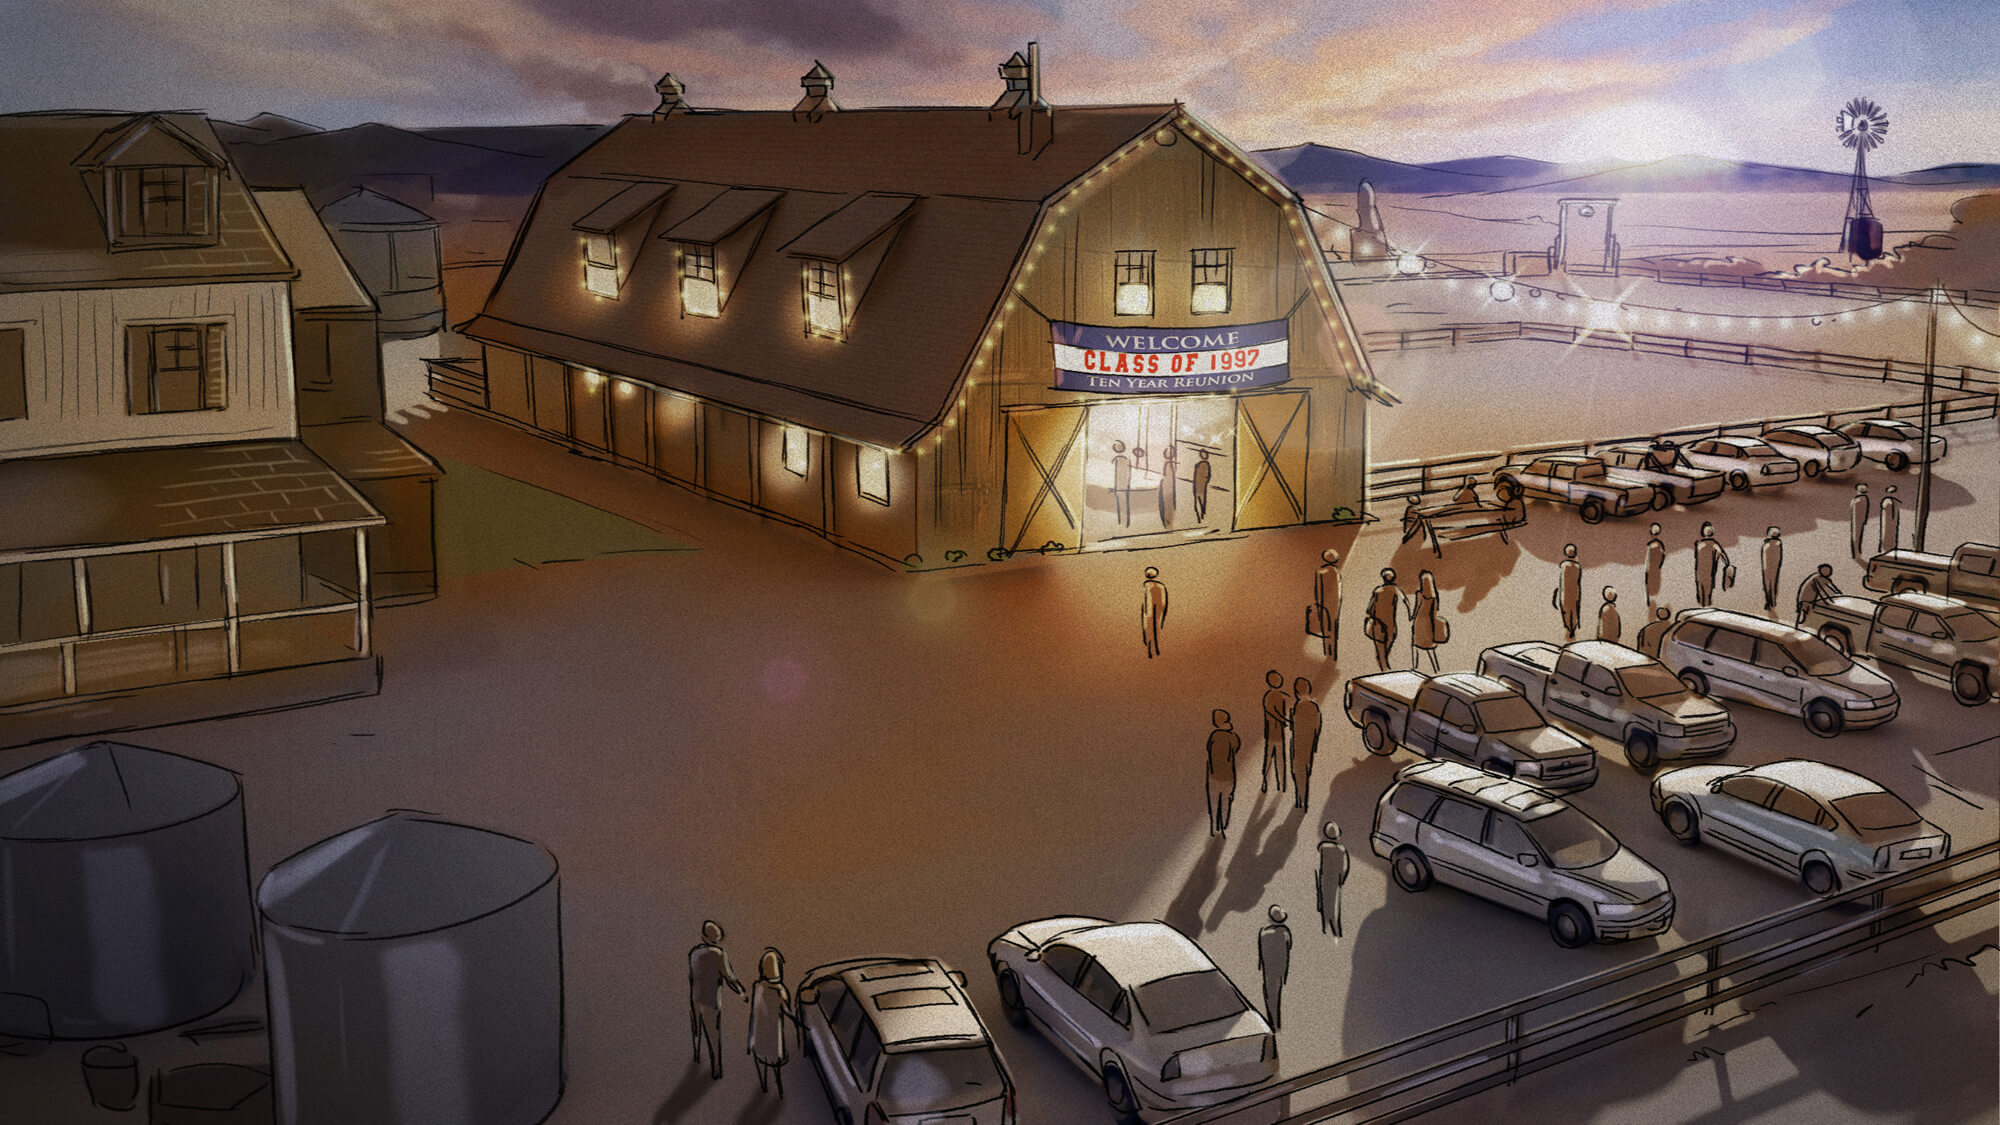 Amazon_Beds_Storyboard_1.jpg